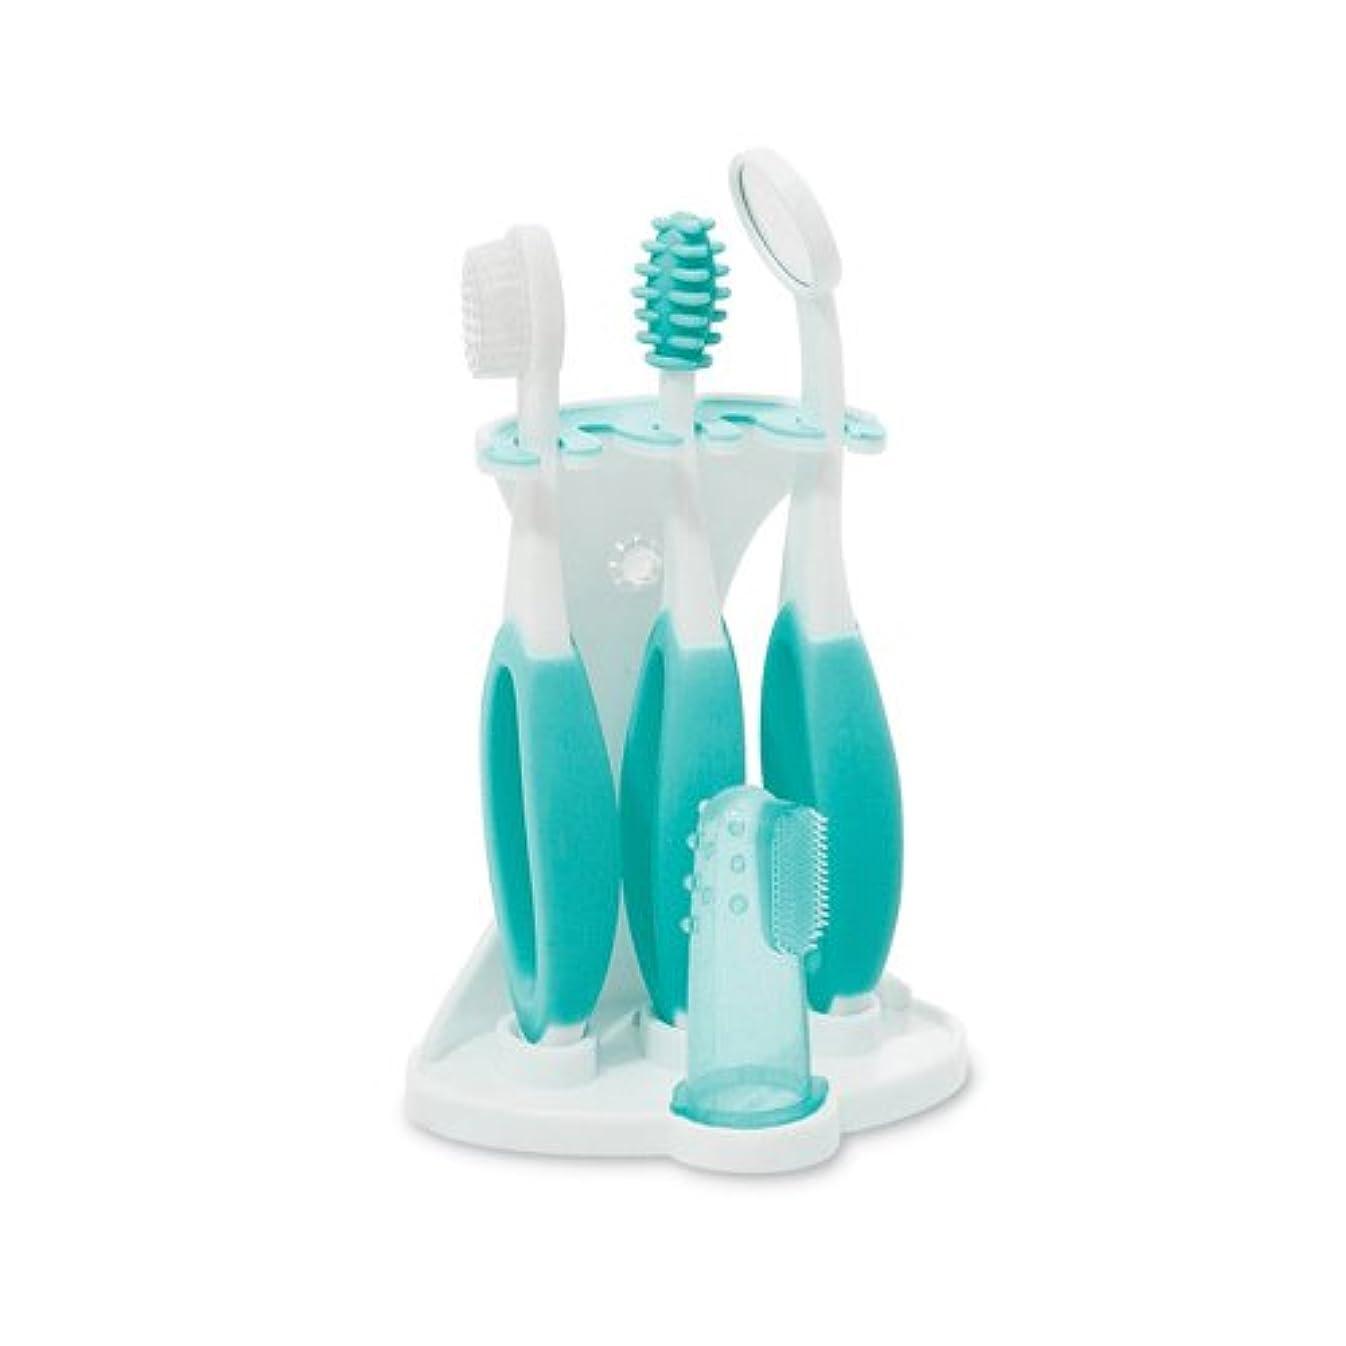 オーバードロー木曜日ヒステリックSummer Infant, Oral Care Kit, 5 Piece Kit